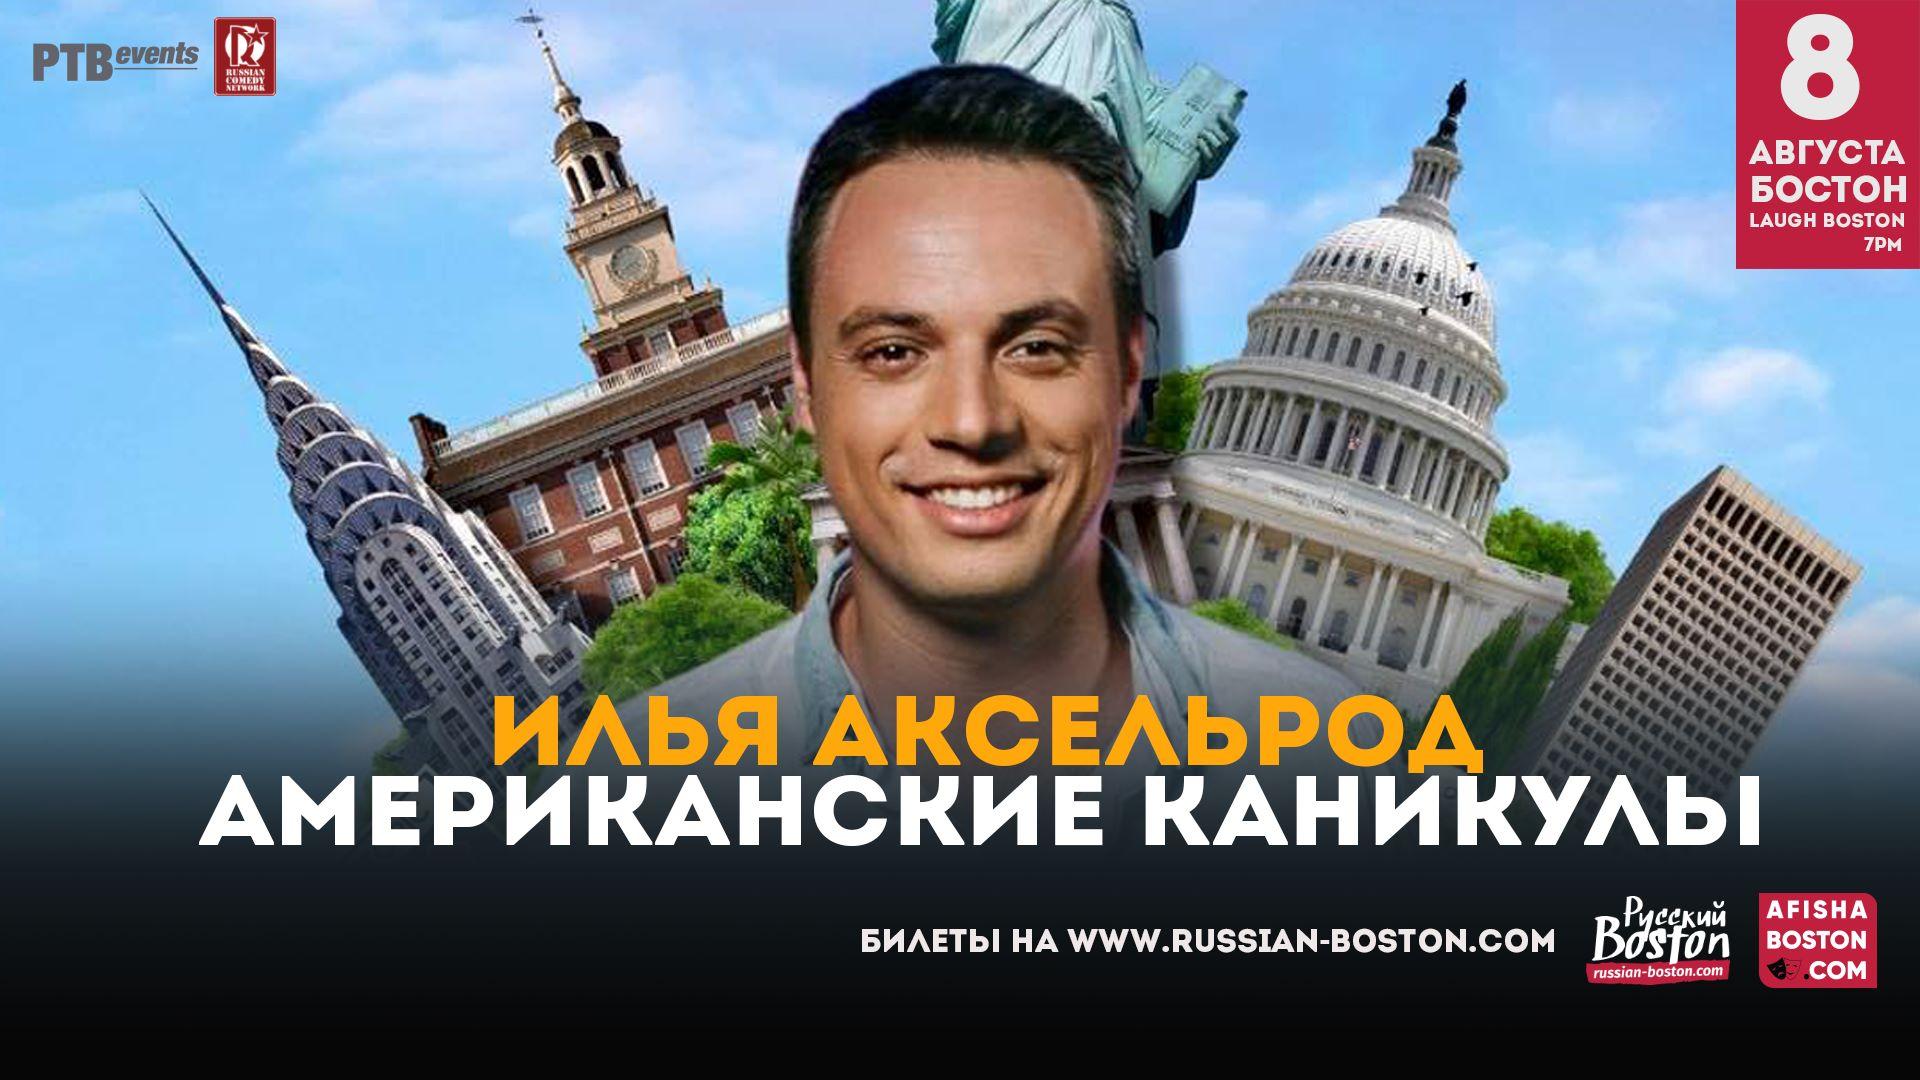 Илья Аксельрод в Бостоне!